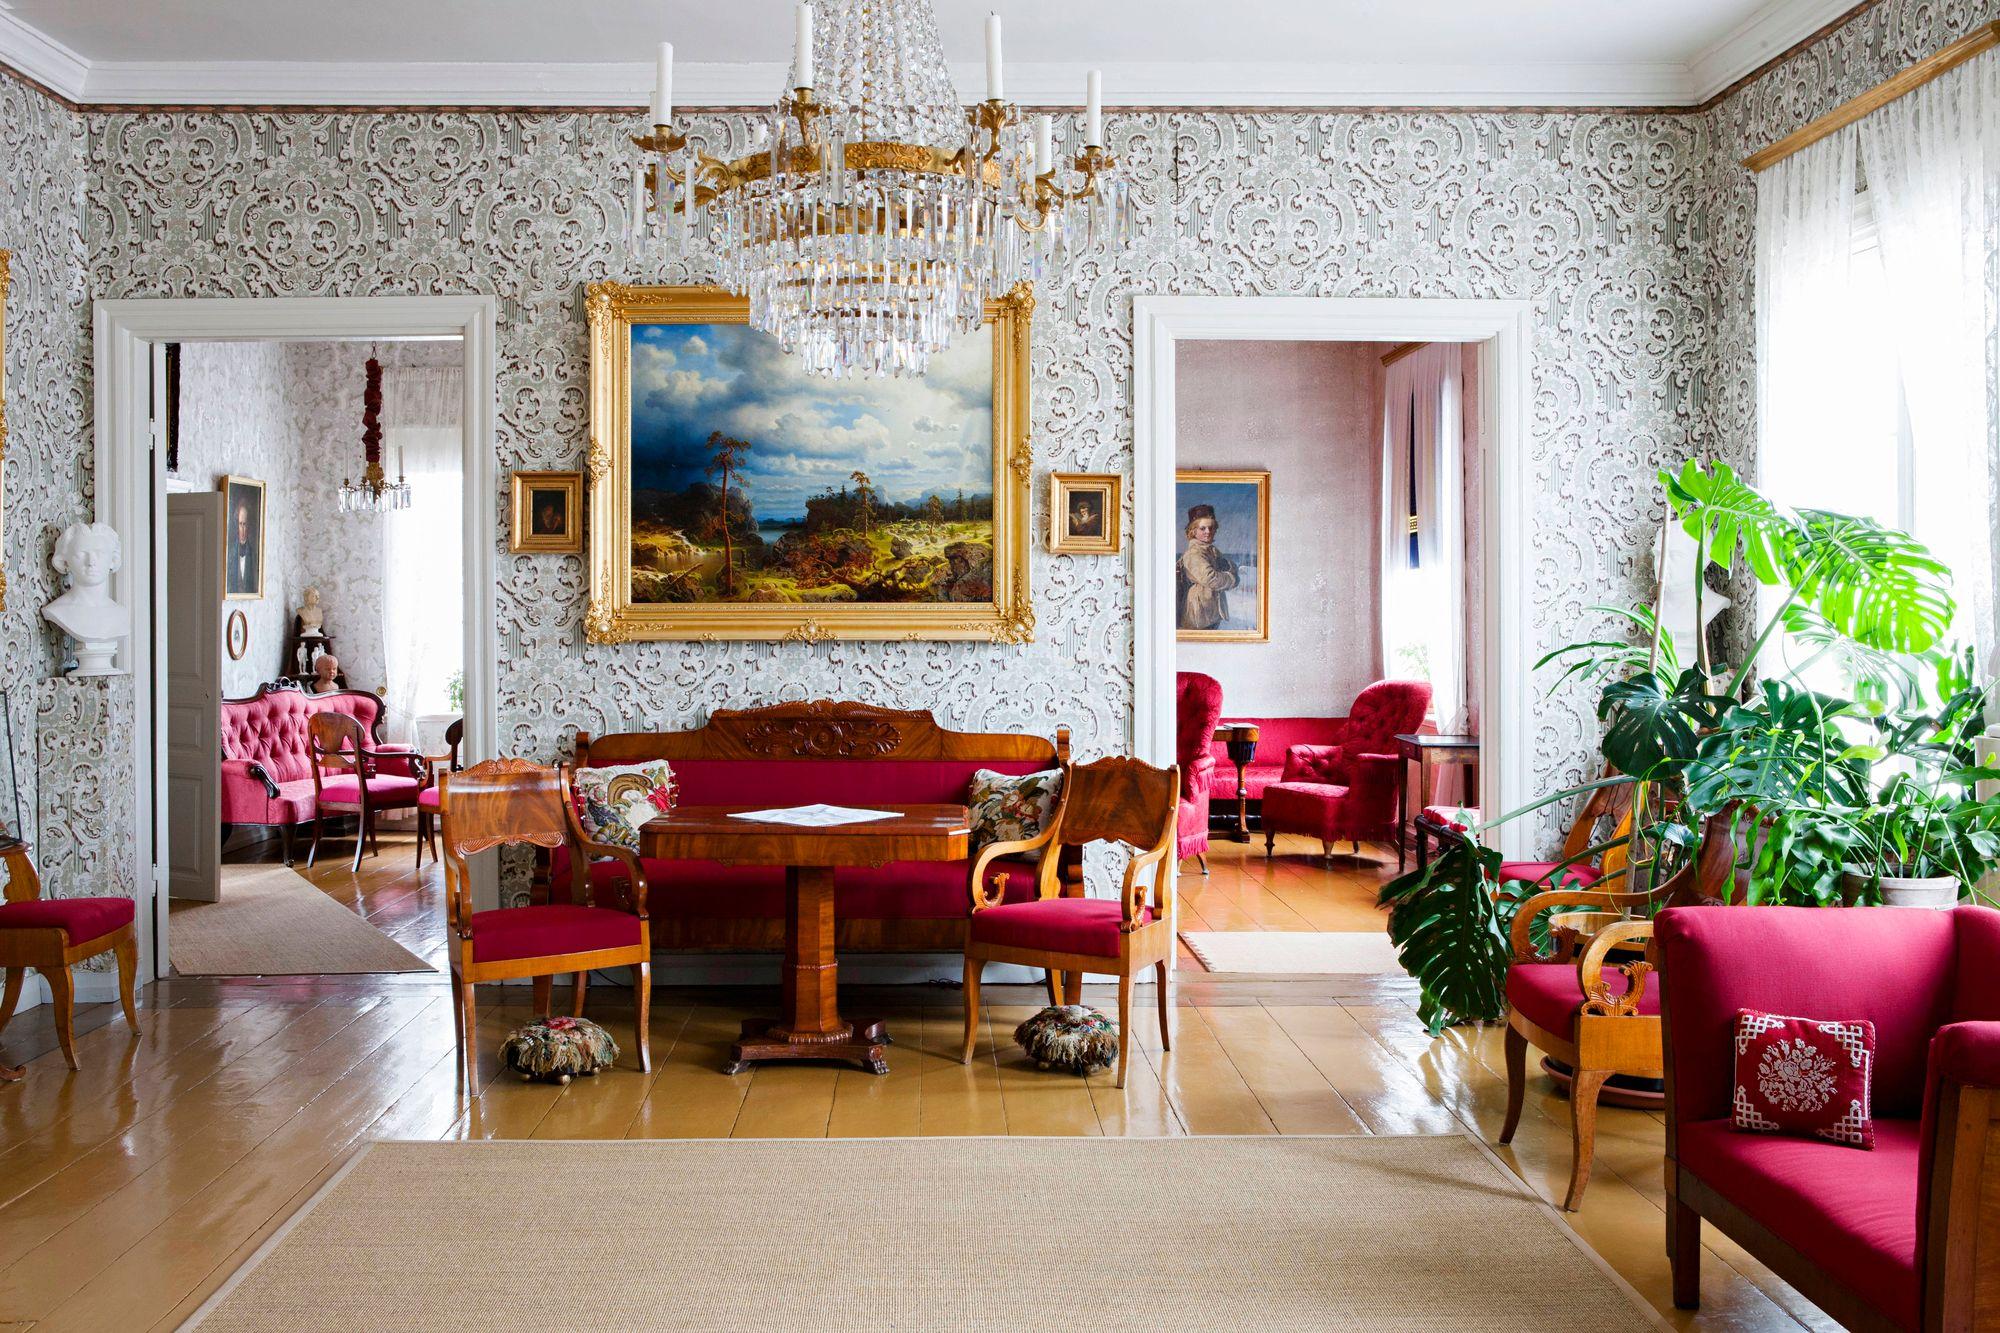 J.L.Runebergin koti Porvoossa © JARMO WRIGHT/KUVARYHMÄ/SKOY